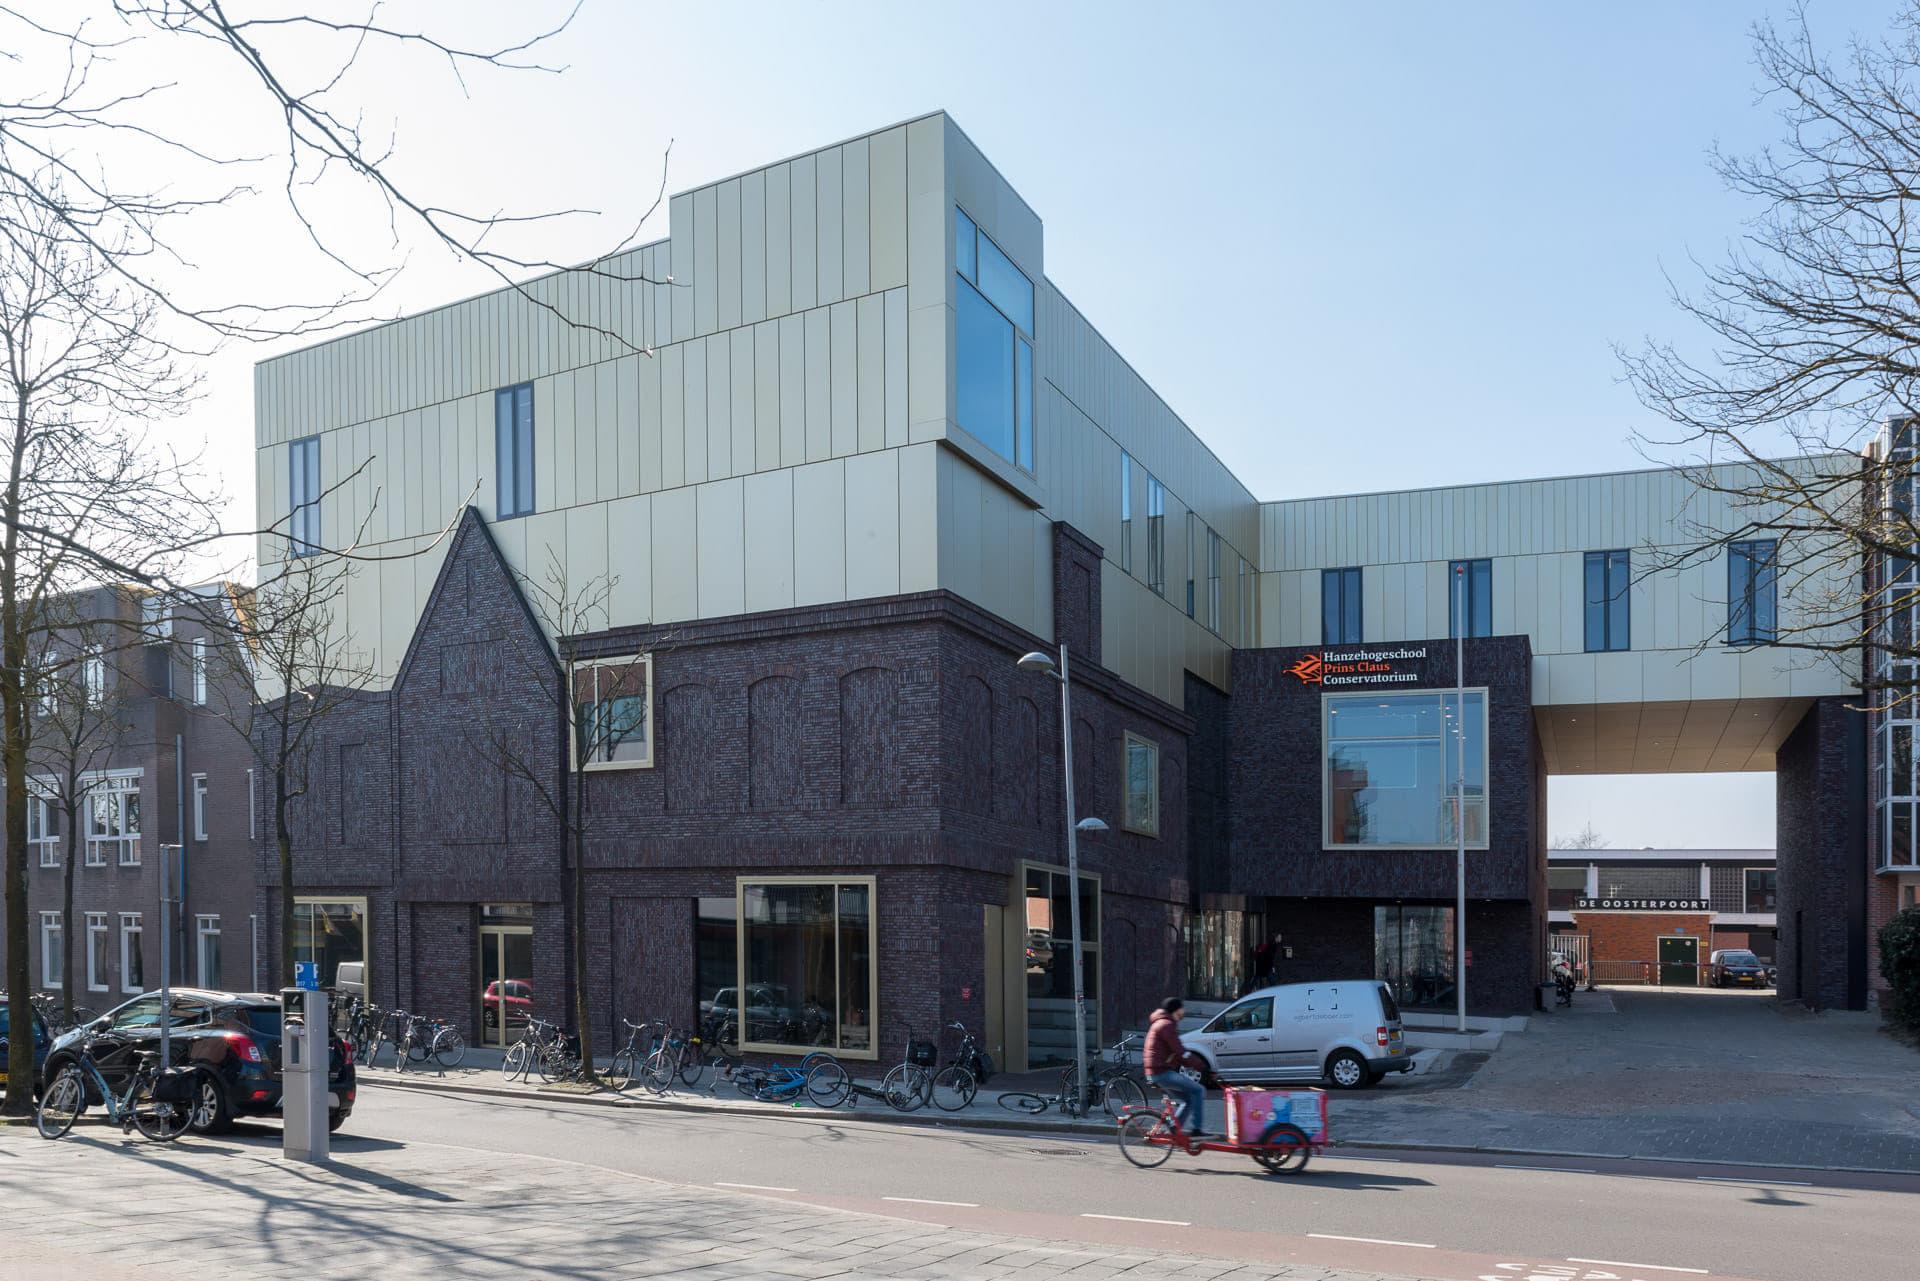 Prins Claus Conservatorium vanaf de hoek bekeken, met donkere bakstenen onder en lichte gevel boven.